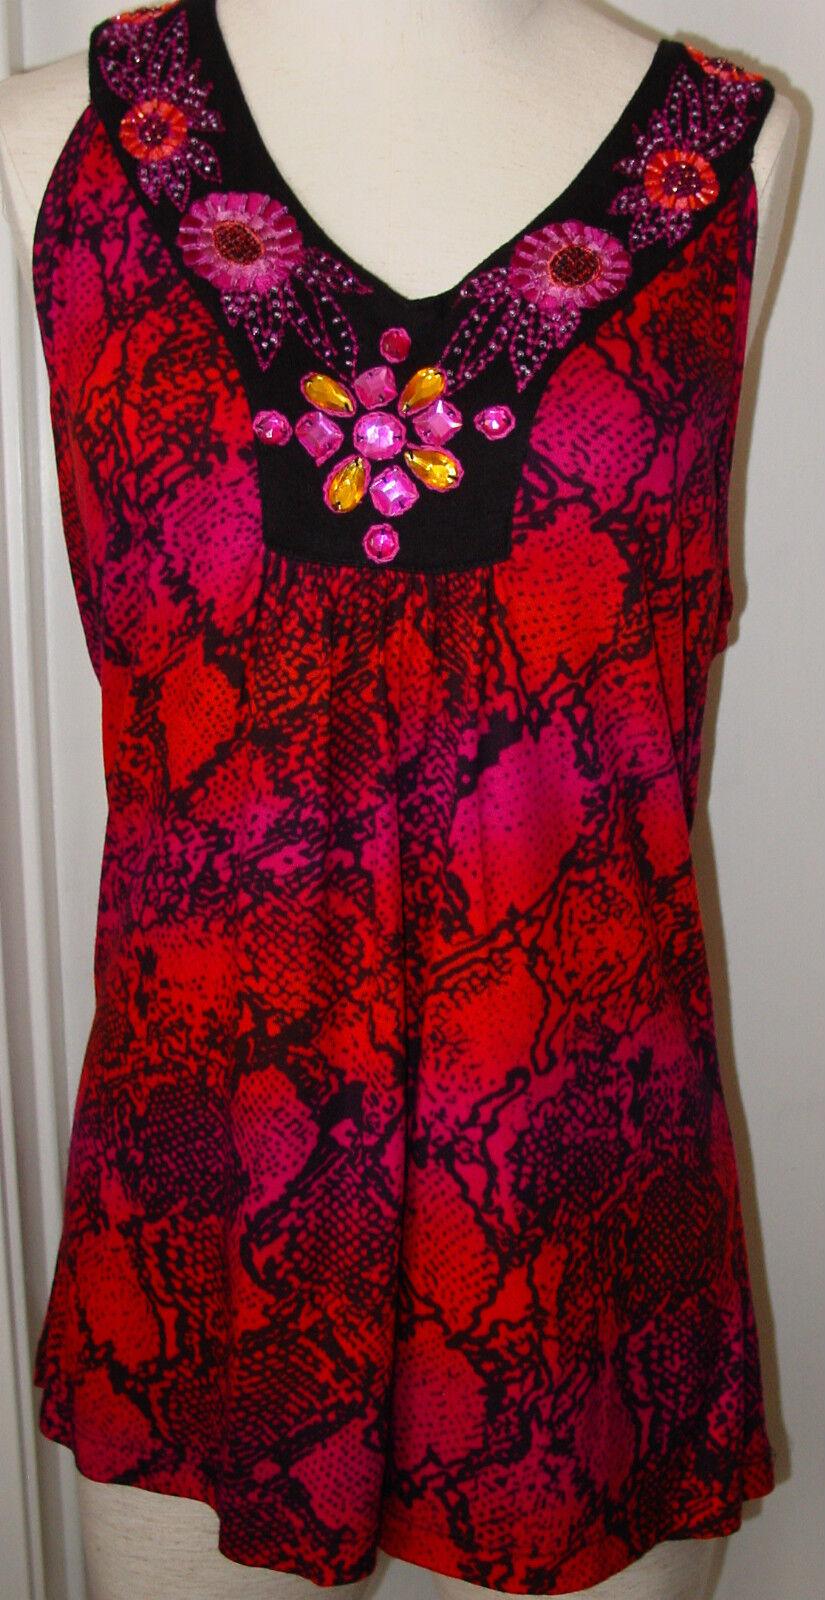 Krista Lee Red Black Coral Sleeveless V-neck Top Embellished Size Large-